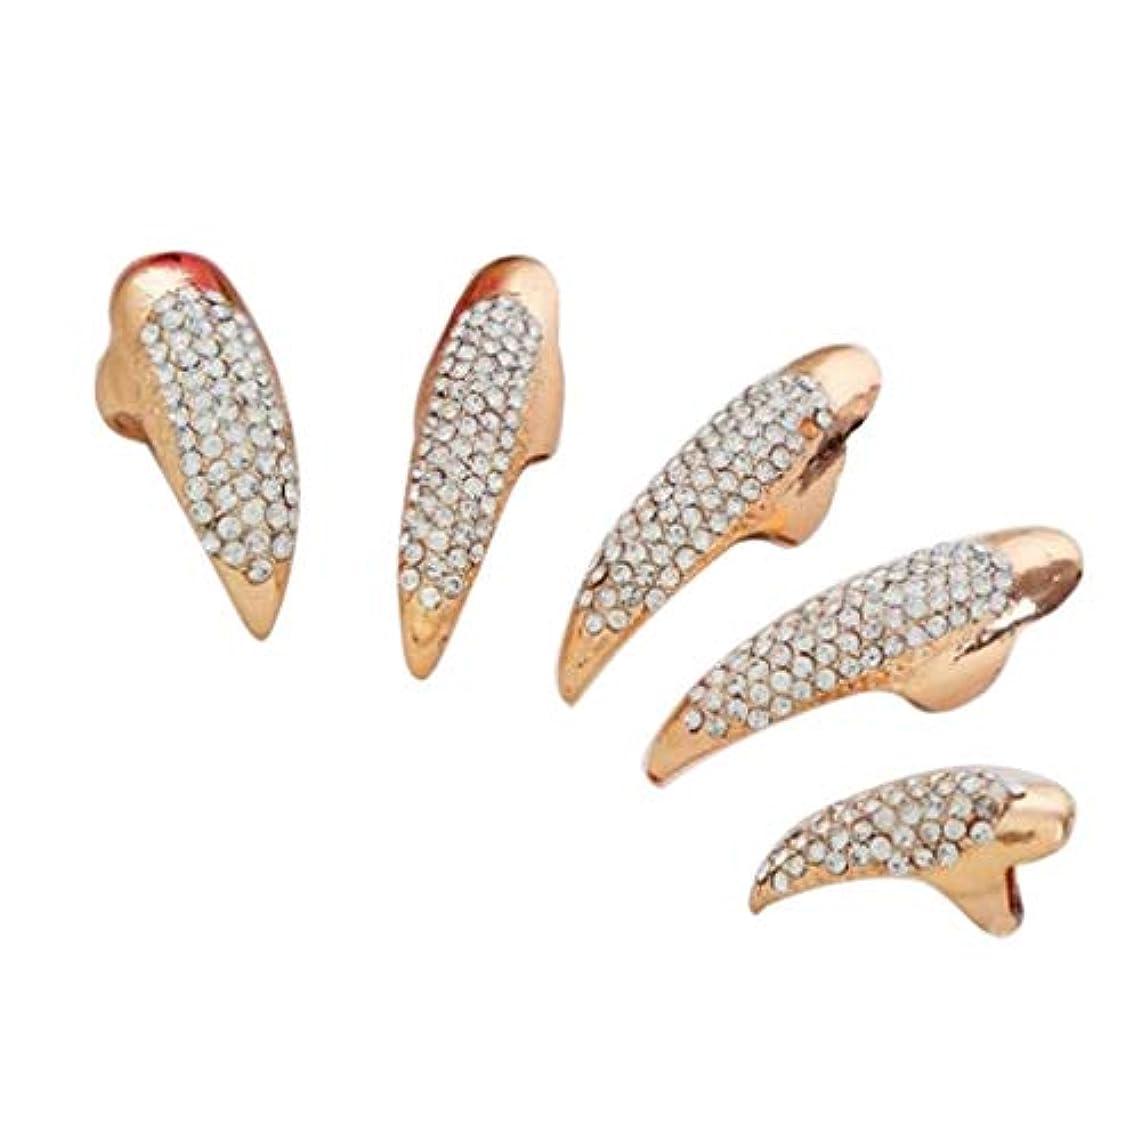 固有の不健全スキーム爪リング ネイルチップ ネイルアート 人工の爪 曲げ爪 コスプレ パーティー 2色選べ - ゴールデン